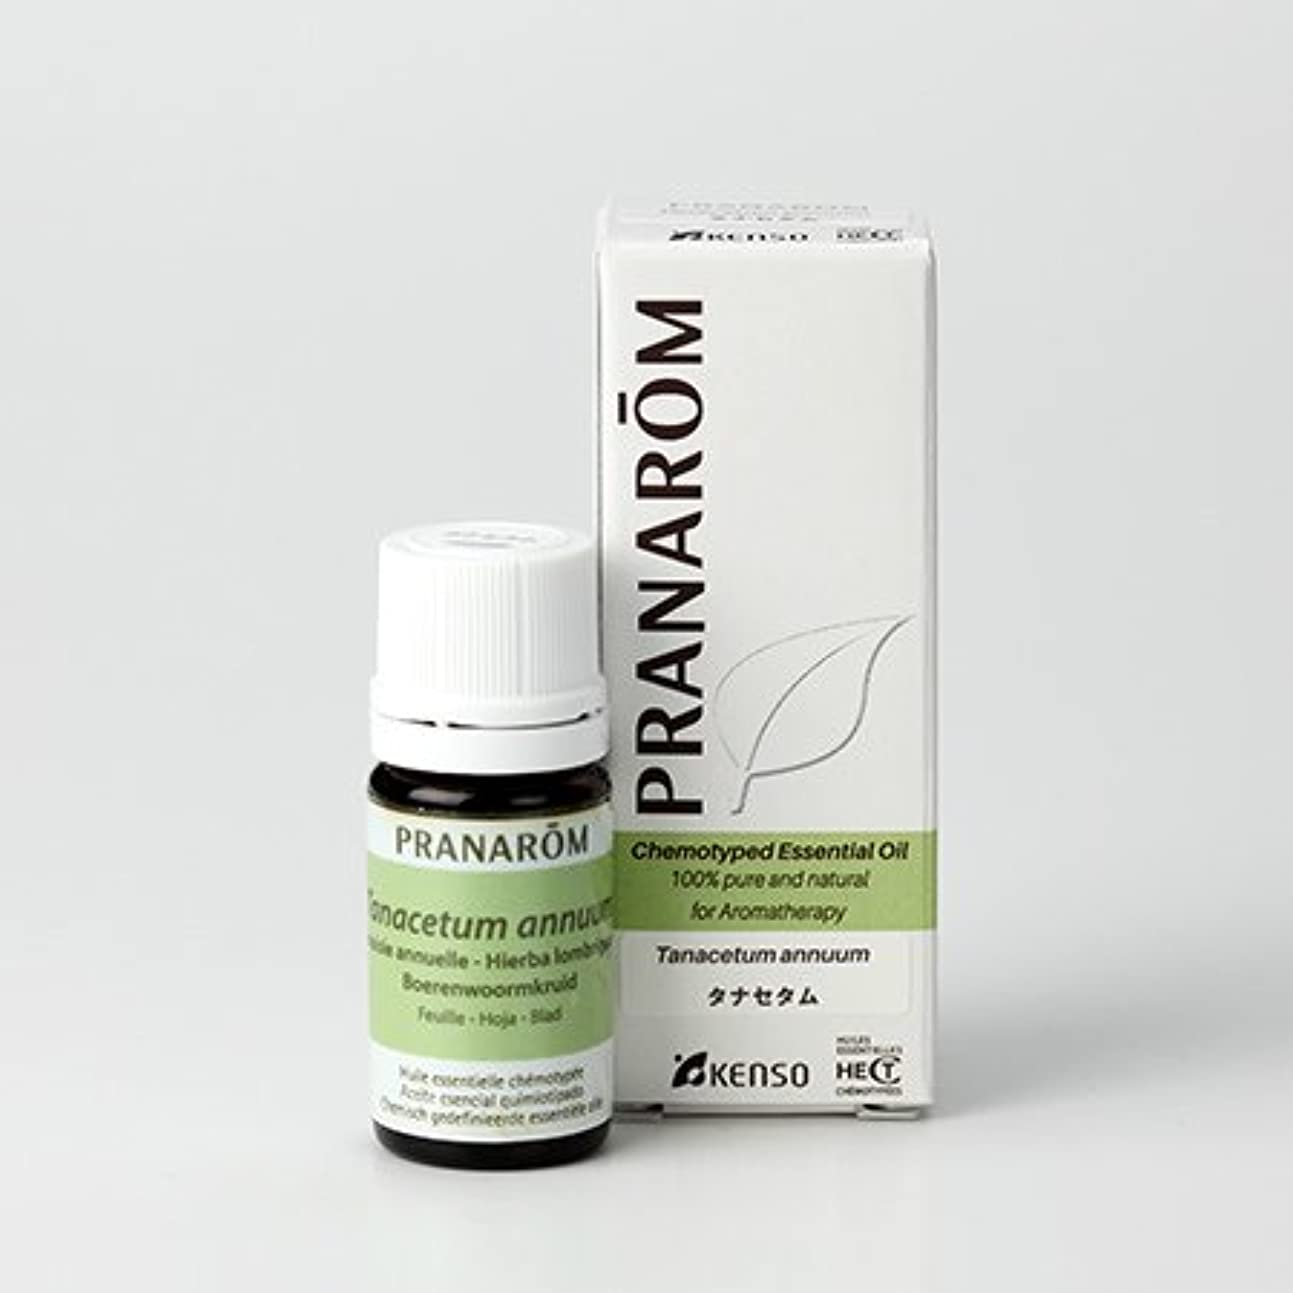 馬鹿げたショッキングびっくりプラナロム タナセタム 5ml (PRANAROM ケモタイプ精油)